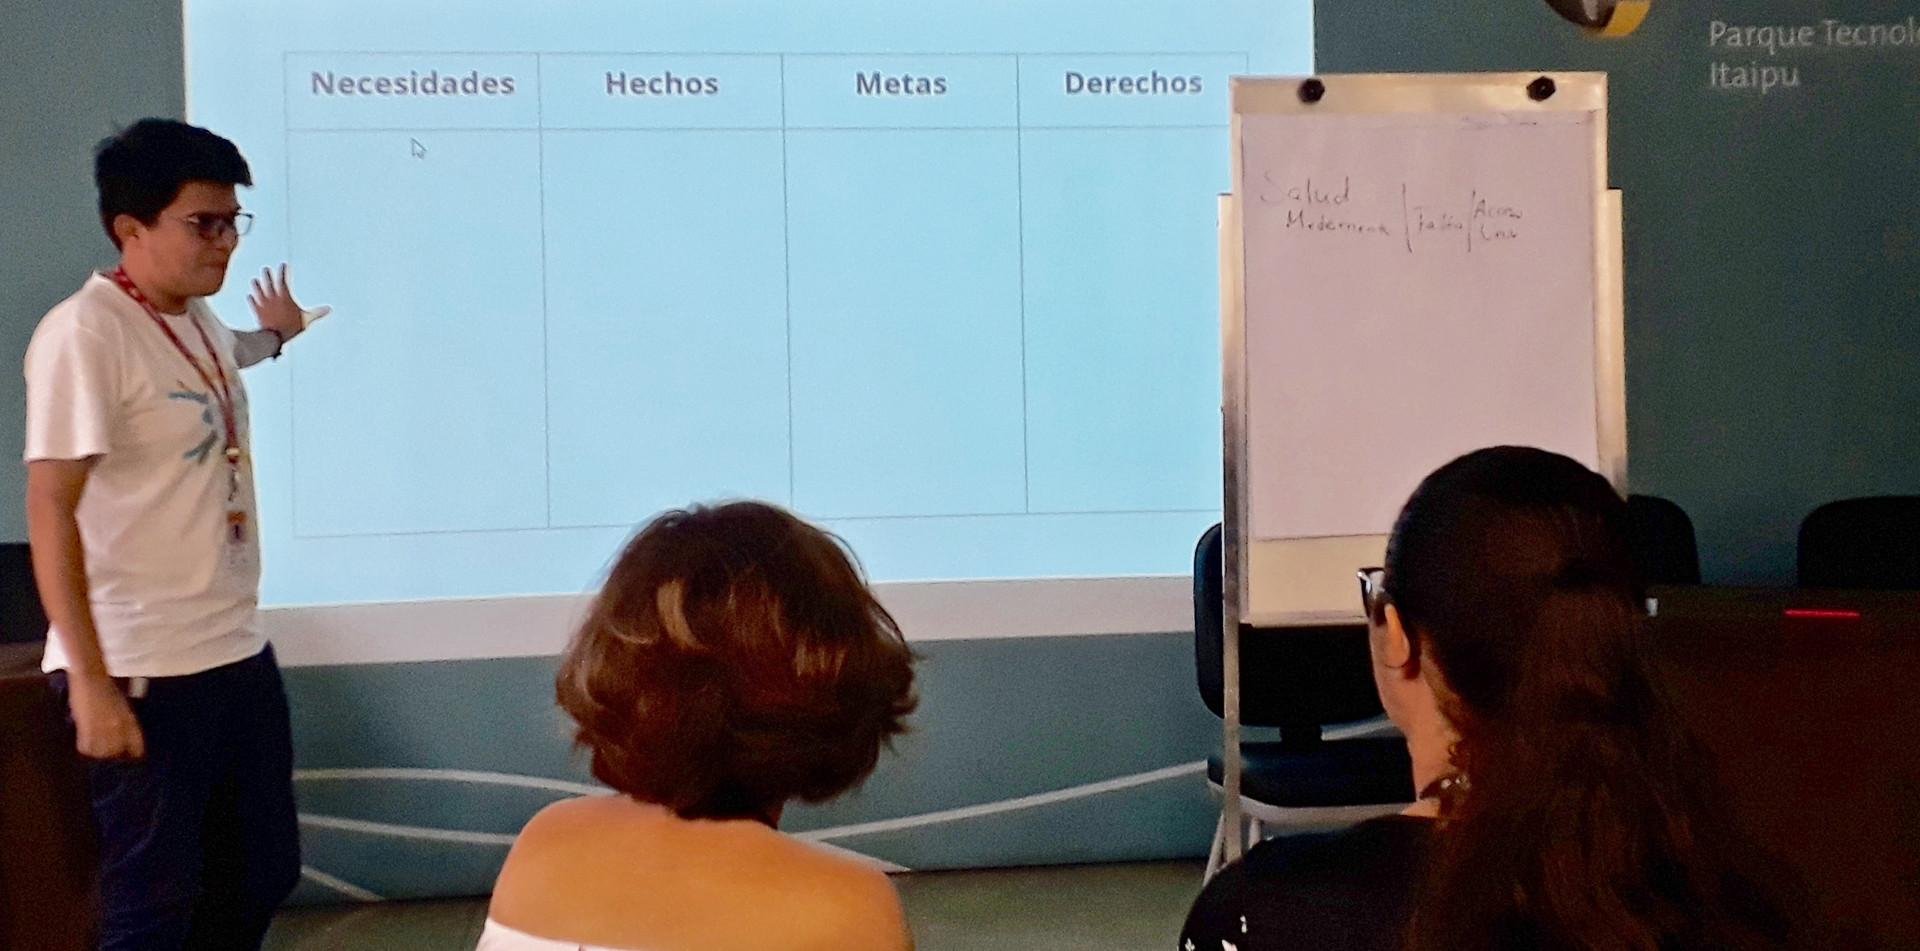 Oficina de Educação em Direitos Humanos (Sessão #1)